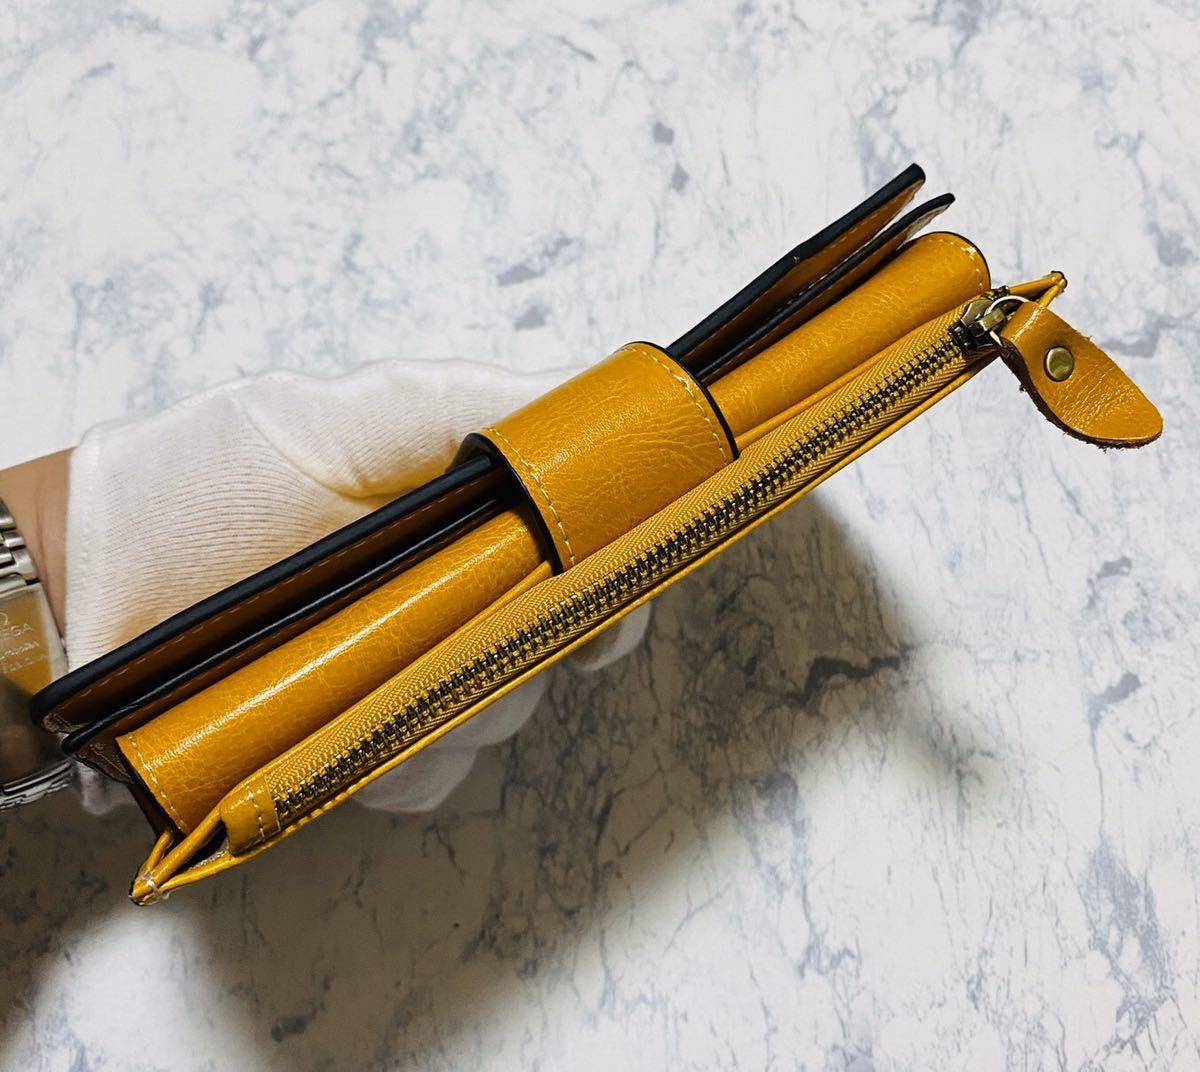 大容量 牛革 財布 カード21枚収納 二つ折り 折財布 スマホ収納可能 本革 メンズ レディス イエロー_画像4